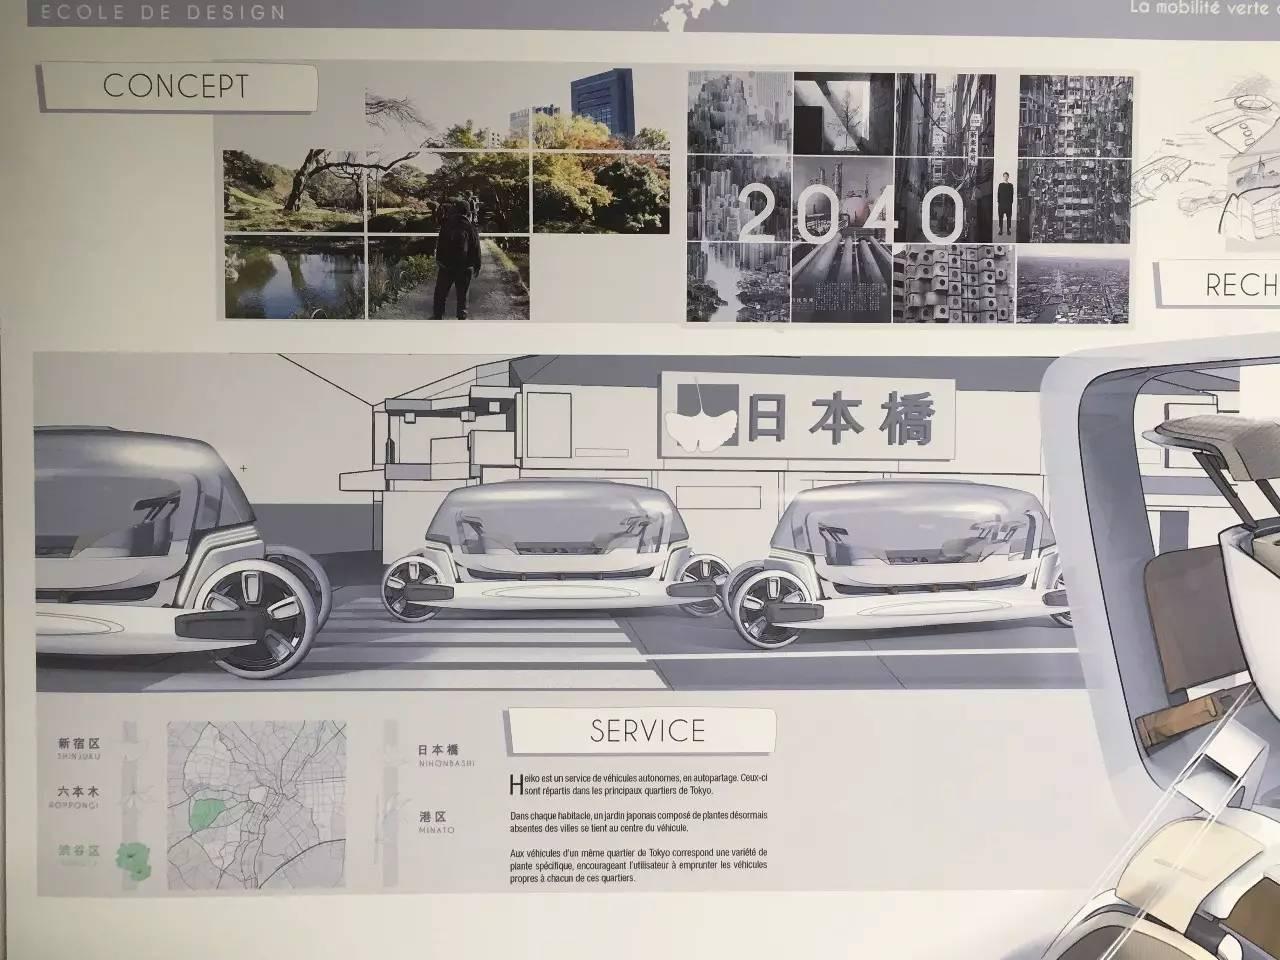 16 2017 strate cole de design. Black Bedroom Furniture Sets. Home Design Ideas